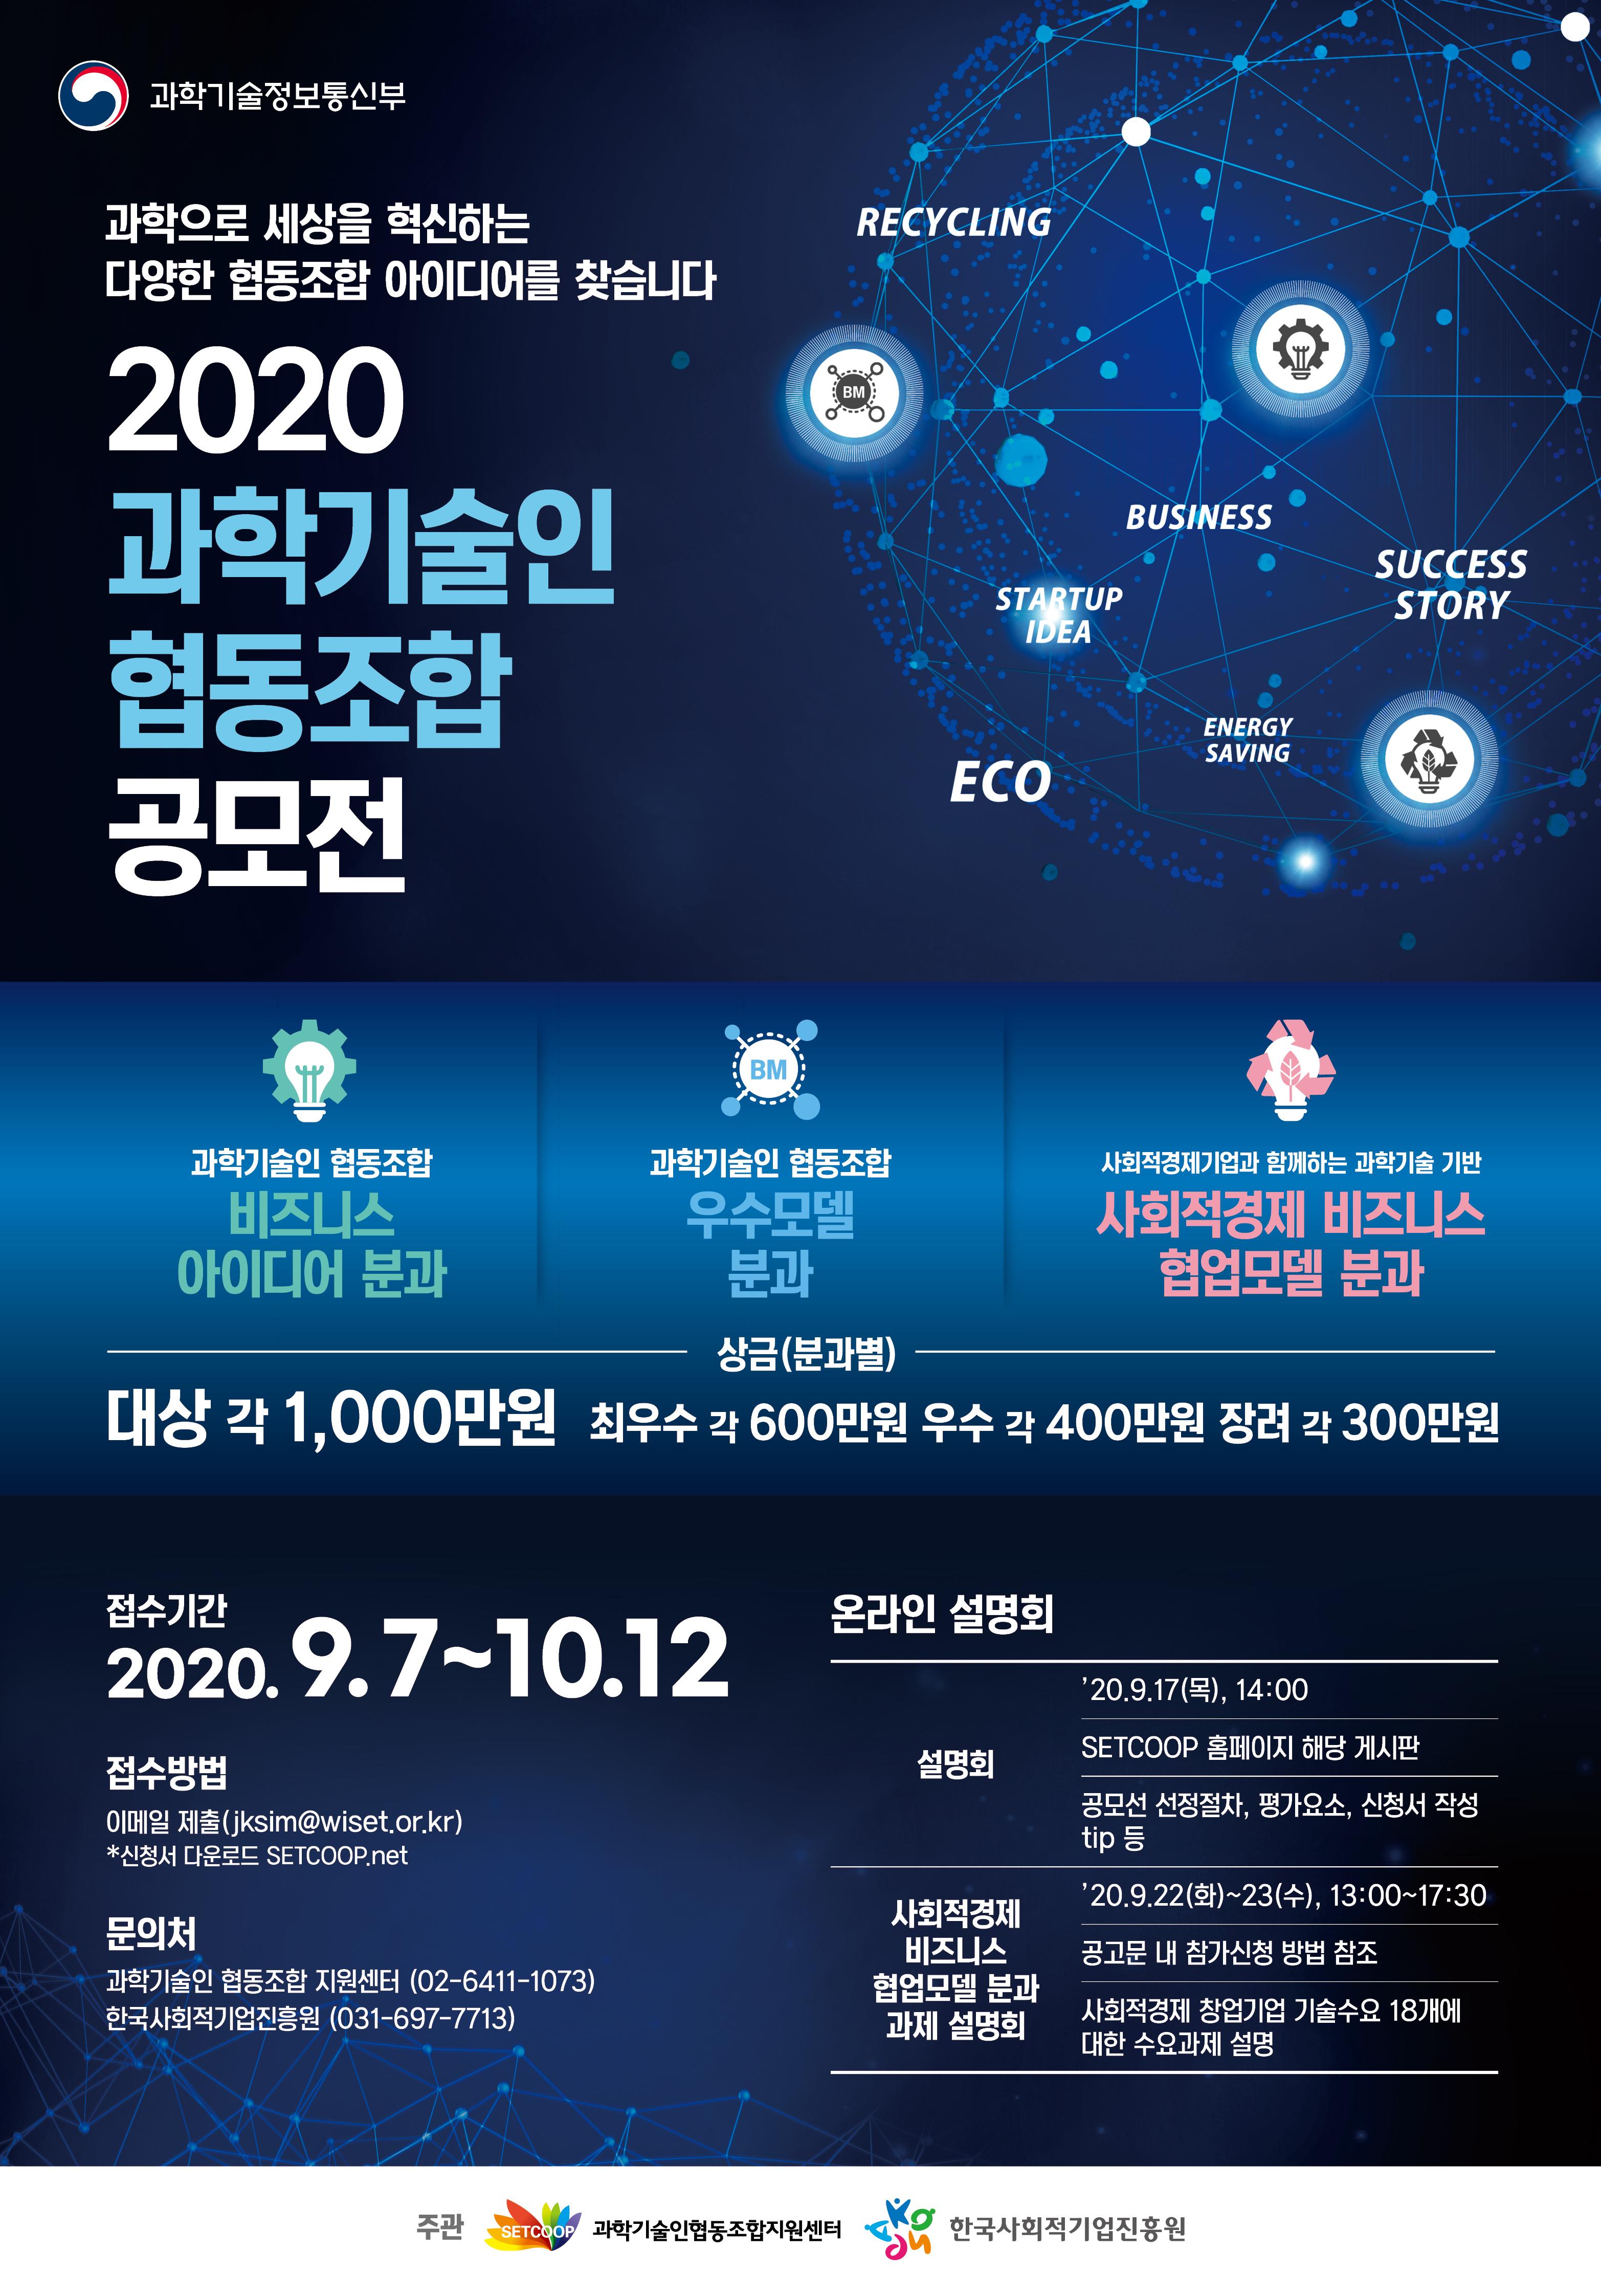 [안내] 과학기술인협동조합지원센터 | 2020 과학기술인협동조합 공모전